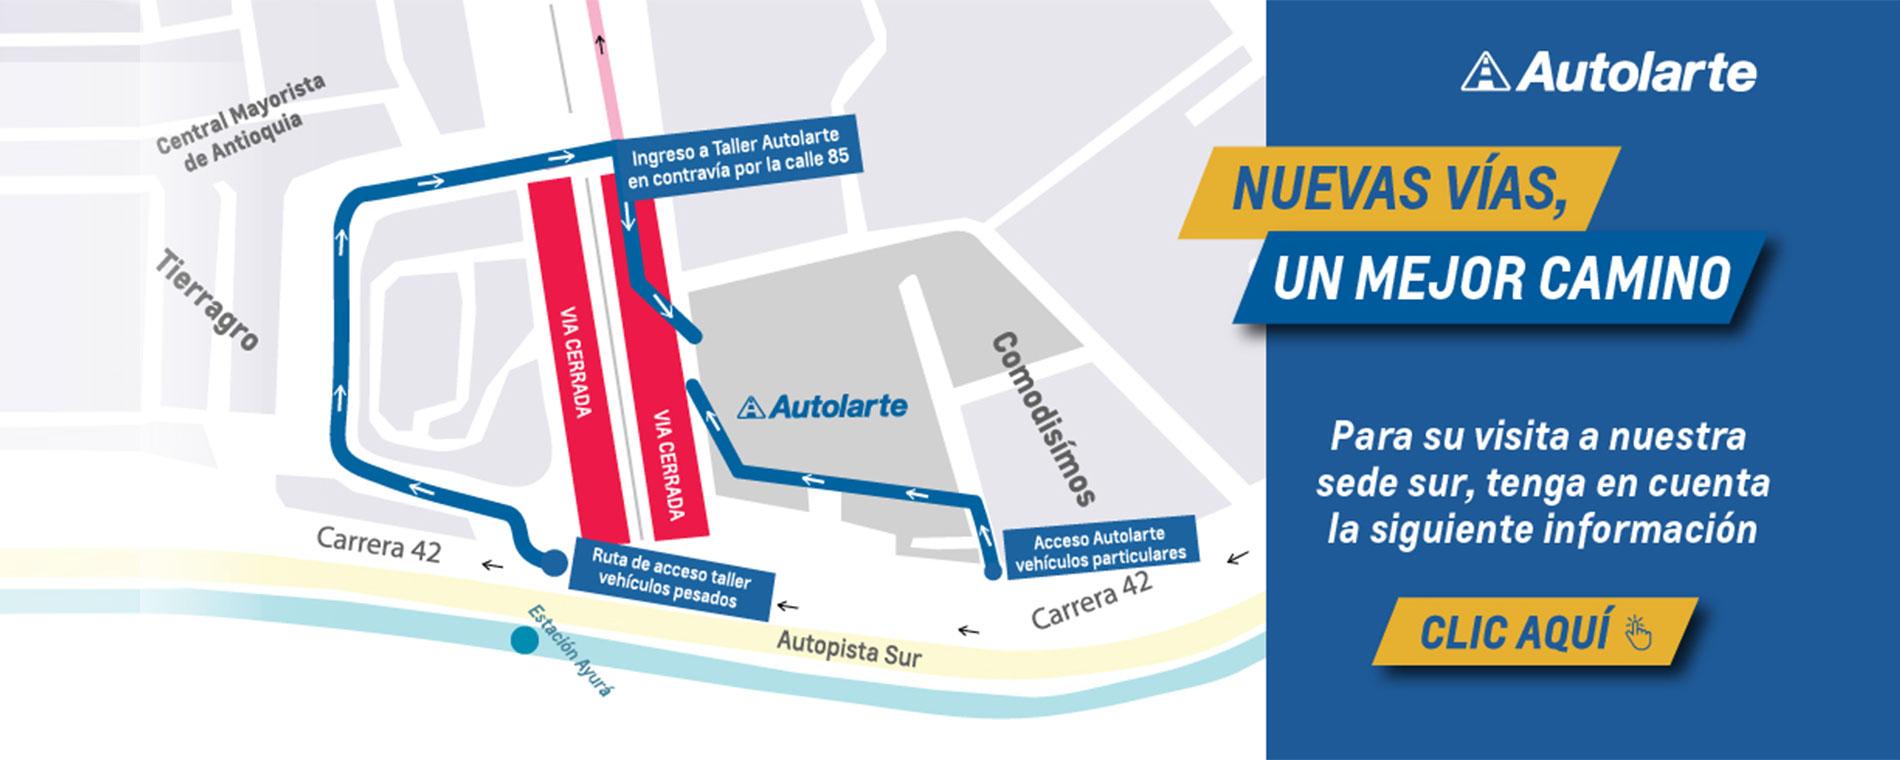 Chevrolet Autolarte - Medellín antioquia - vías y trayectos